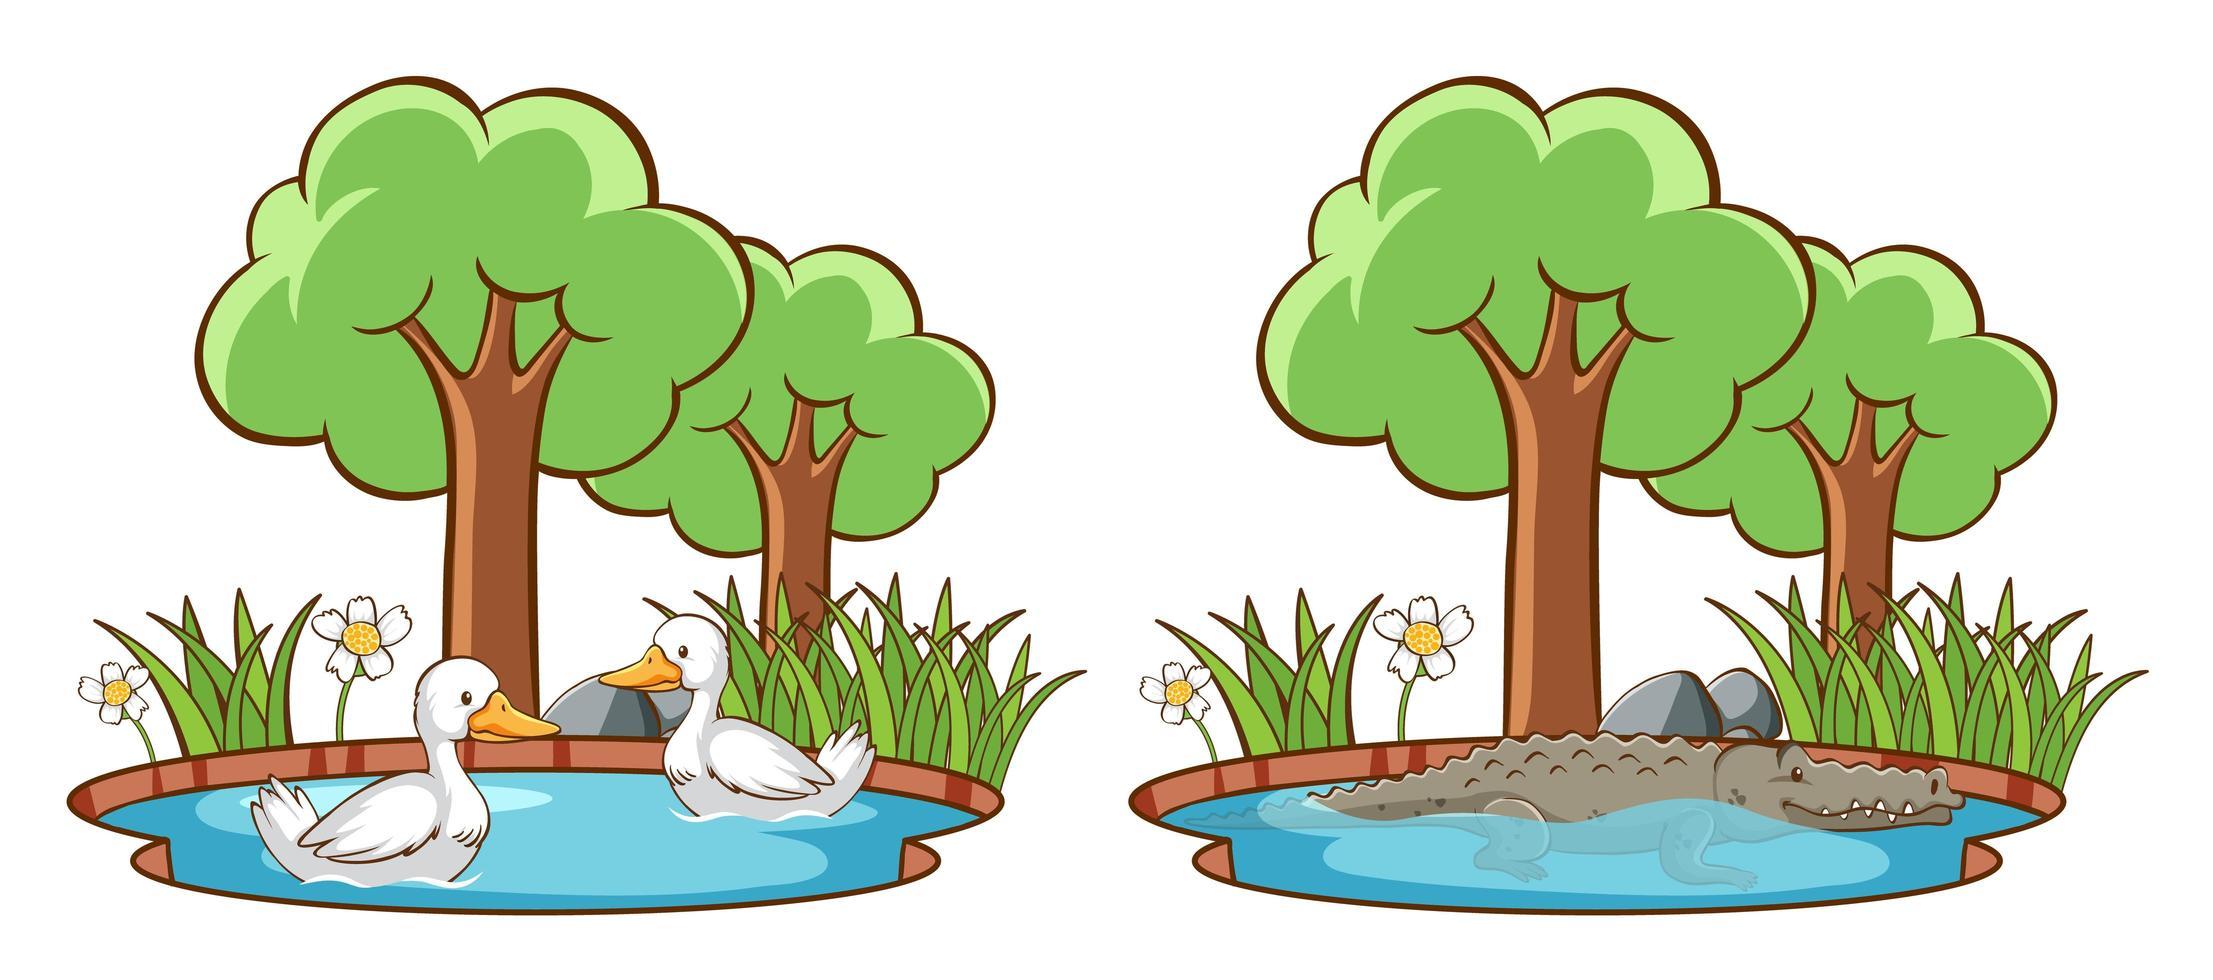 wilde dieren in het park met bomen vector